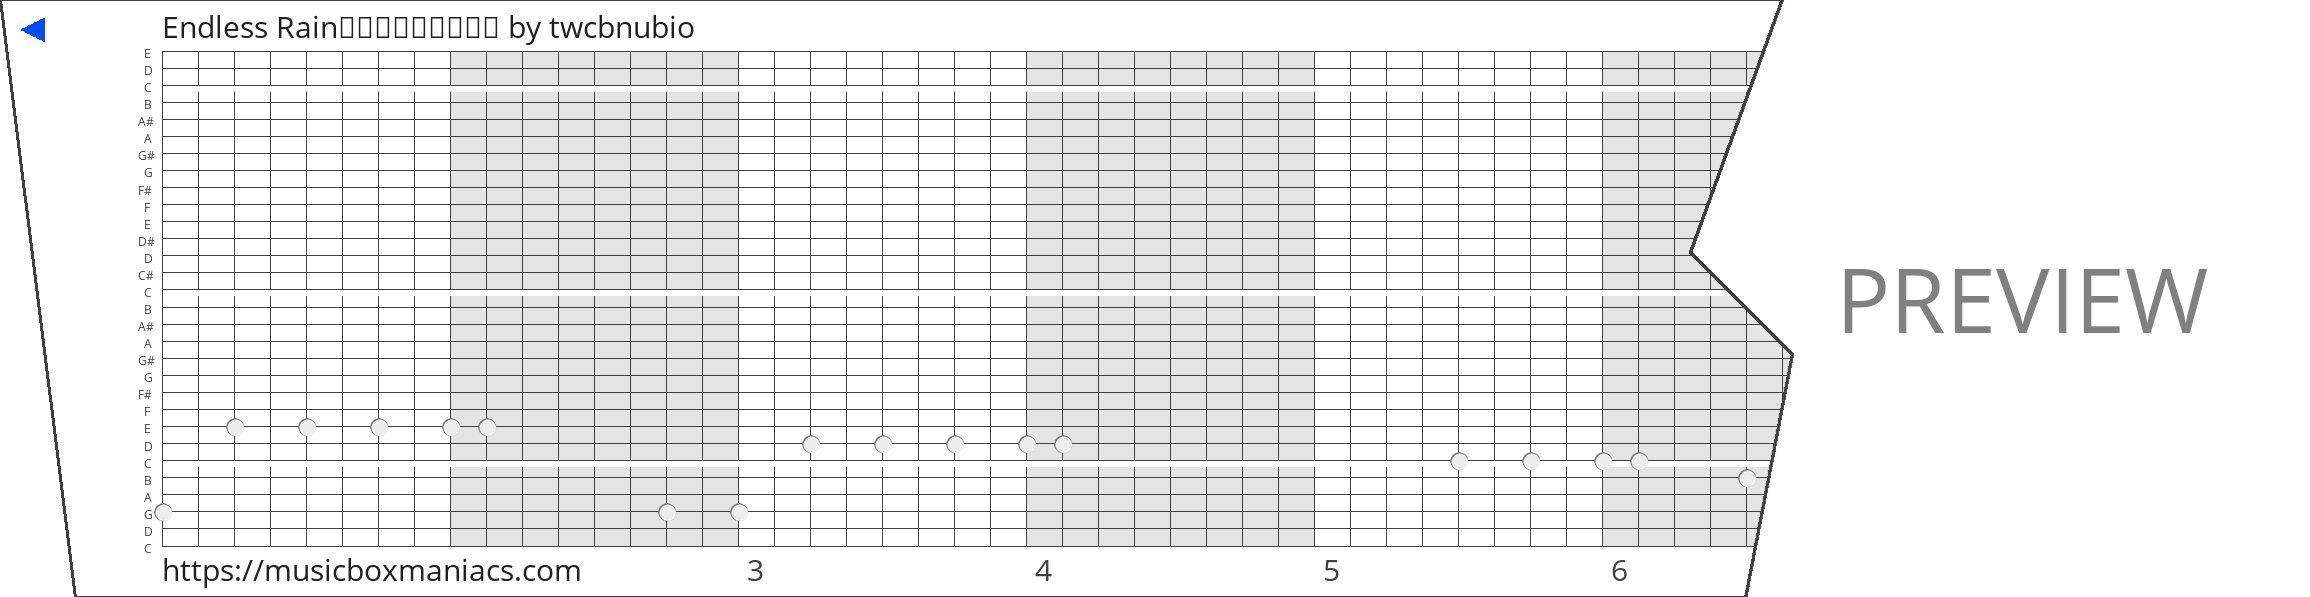 Endless Rain三十音盒(复杂版) 30 note music box paper strip